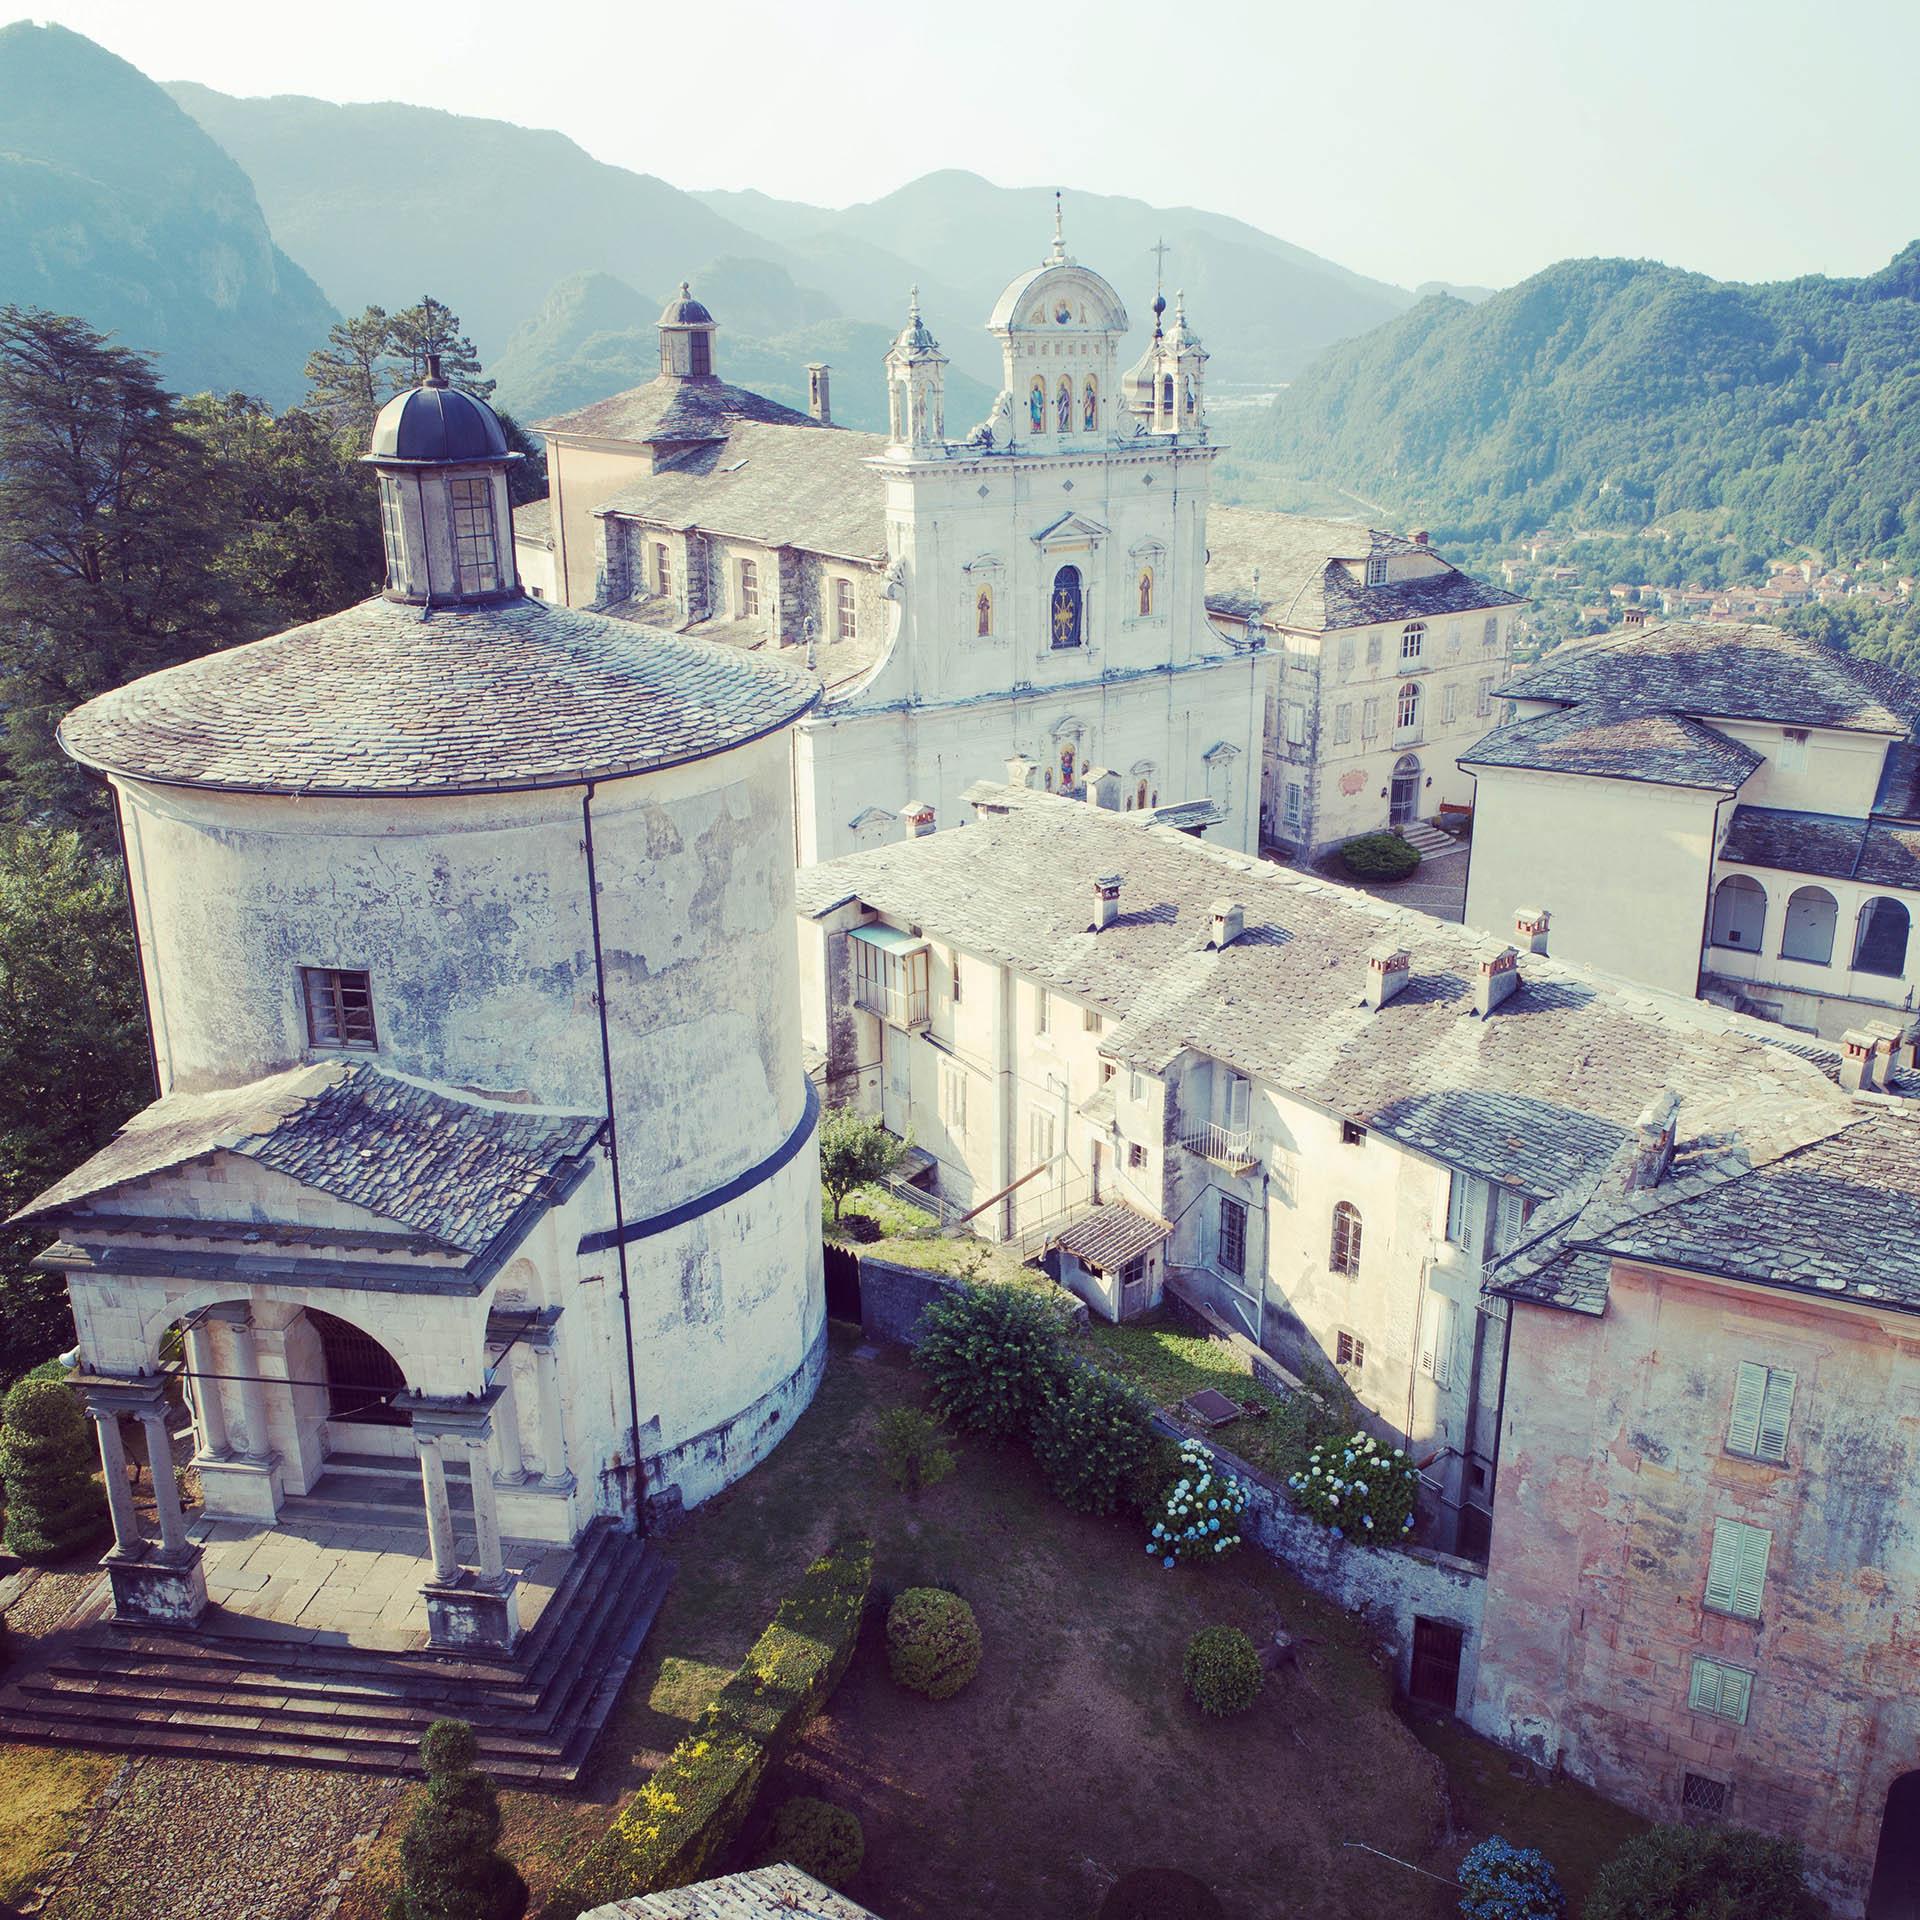 Scorcio del Sacro Monte di Varallo, Valle Sesia